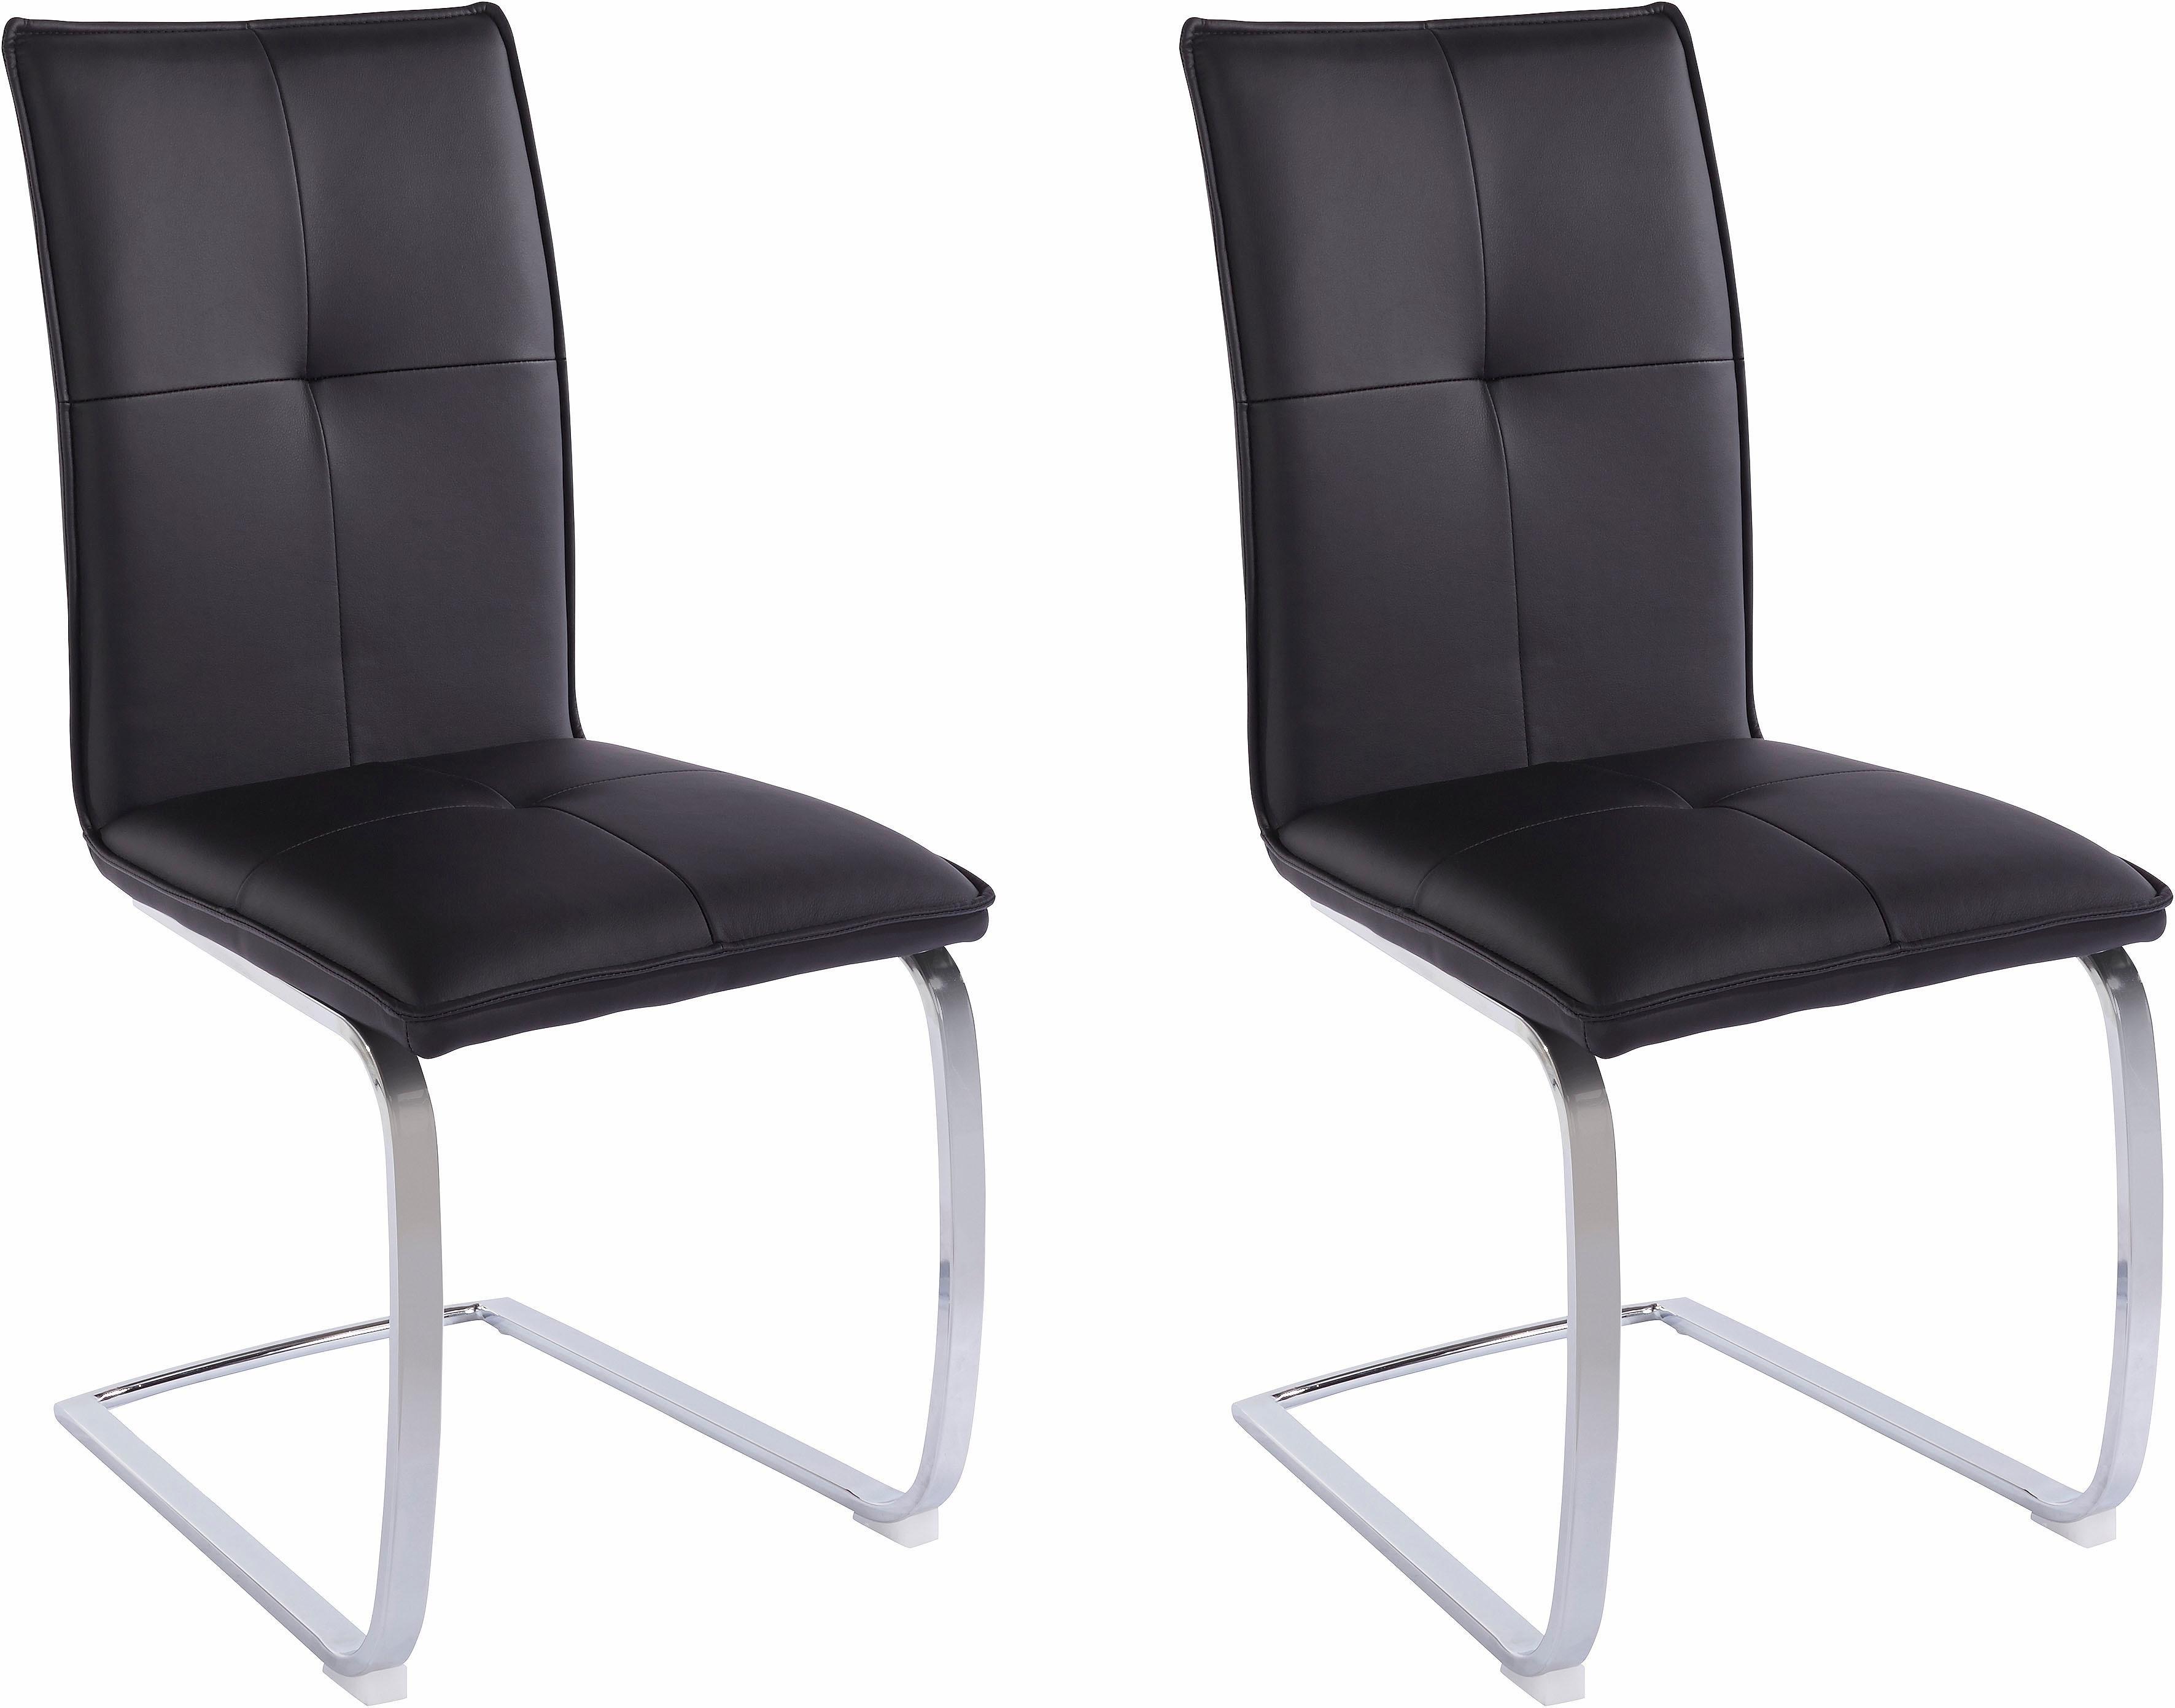 Homexperts Steinhoff vrijdragende stoel (set van 2) online kopen op otto.nl